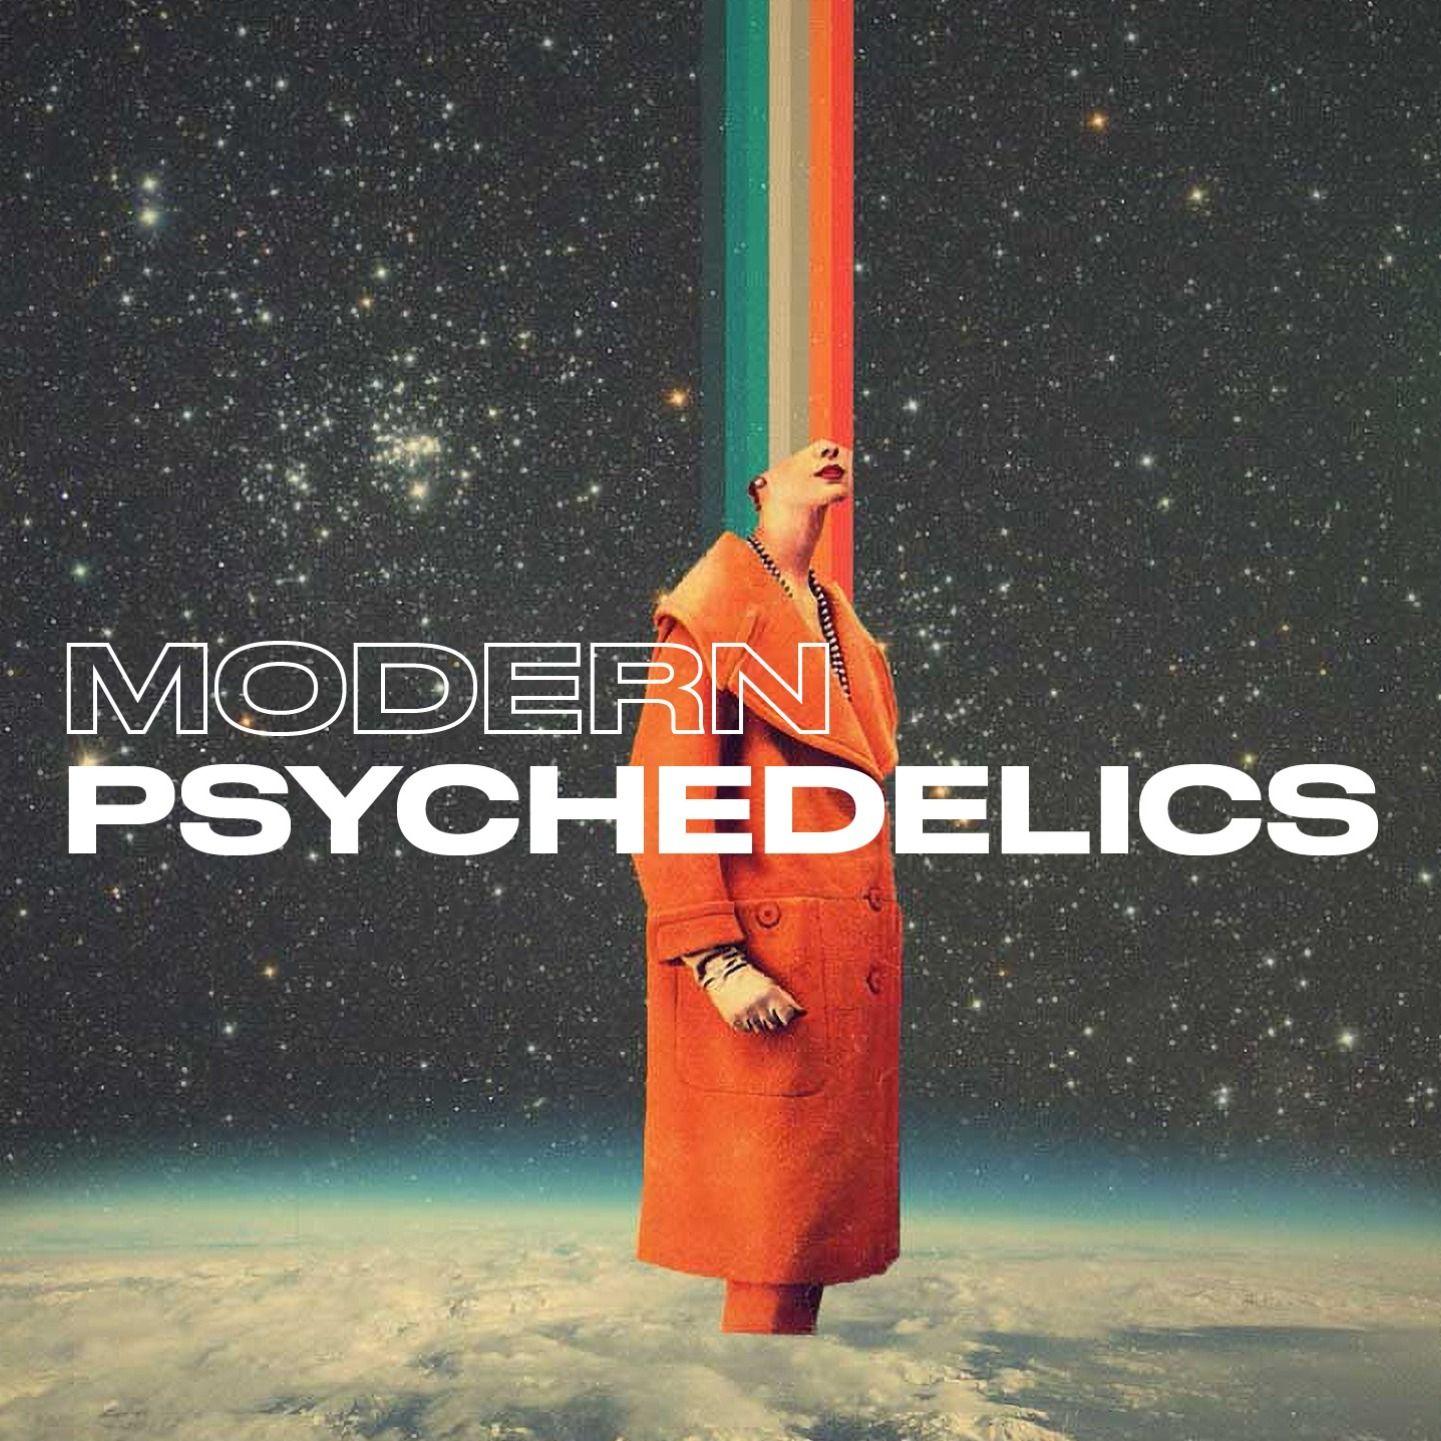 Modern Psychedelics